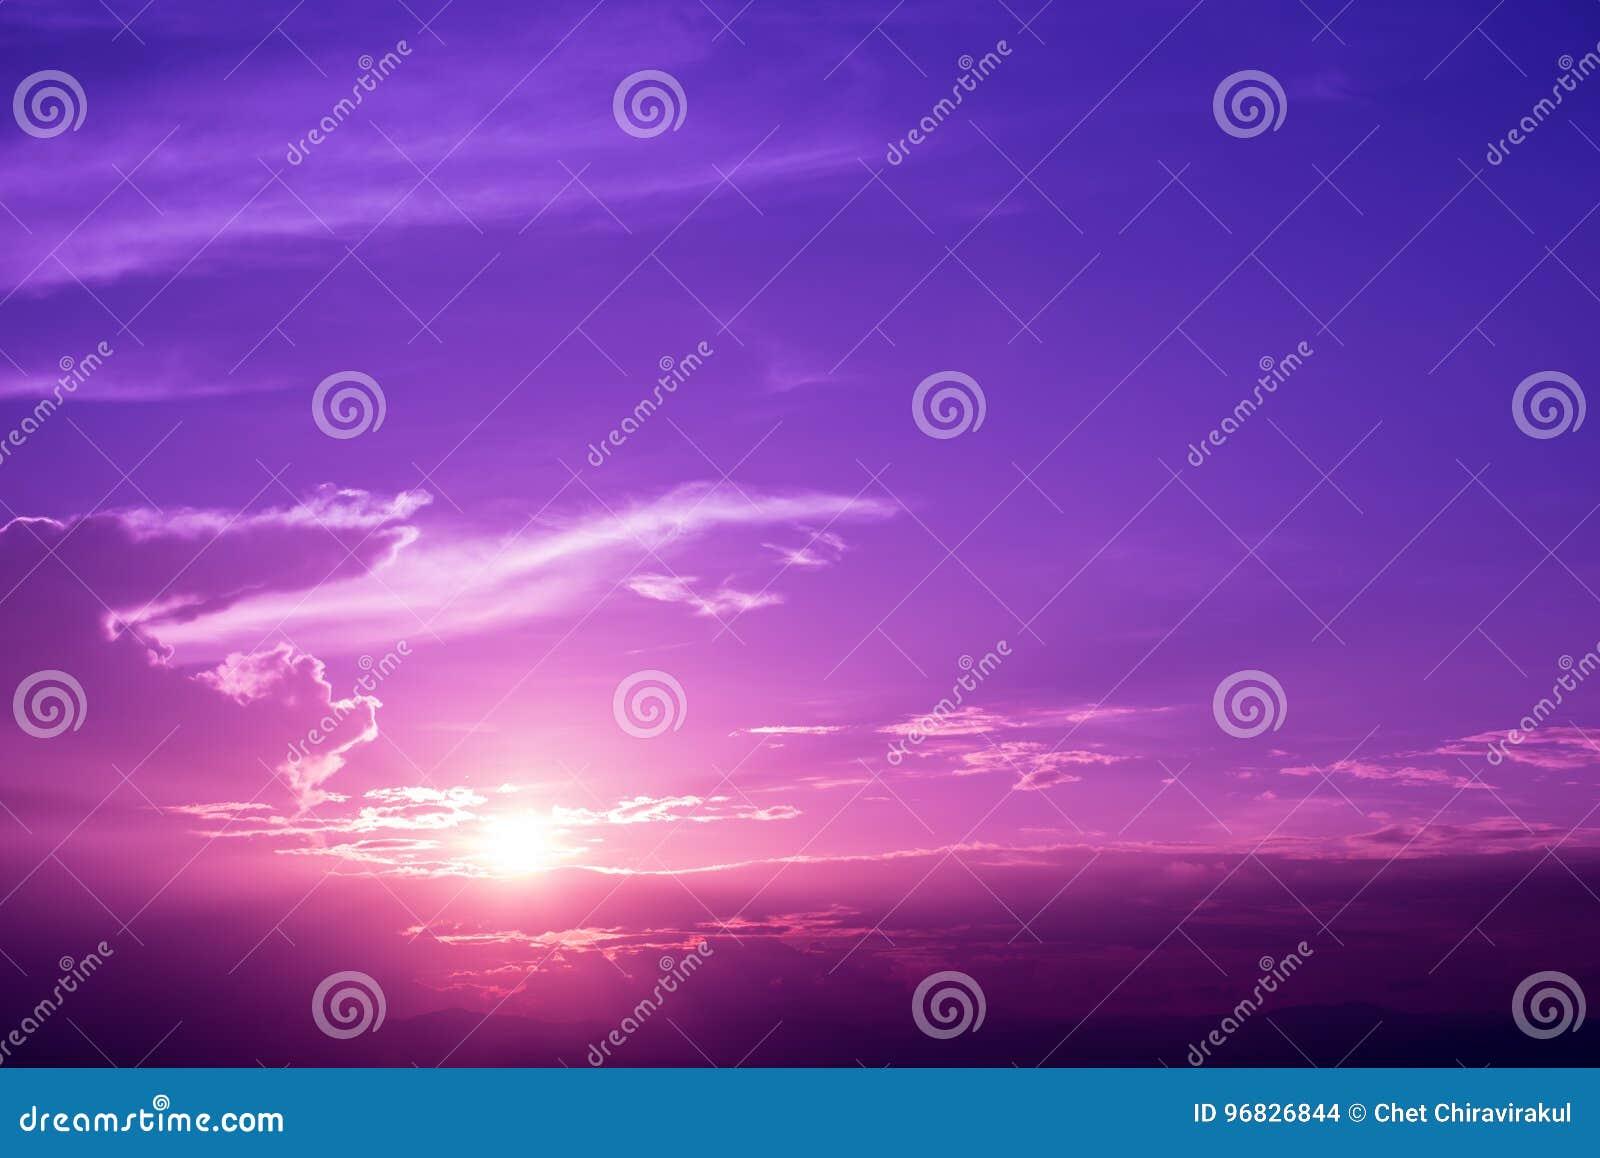 日出紫色天空